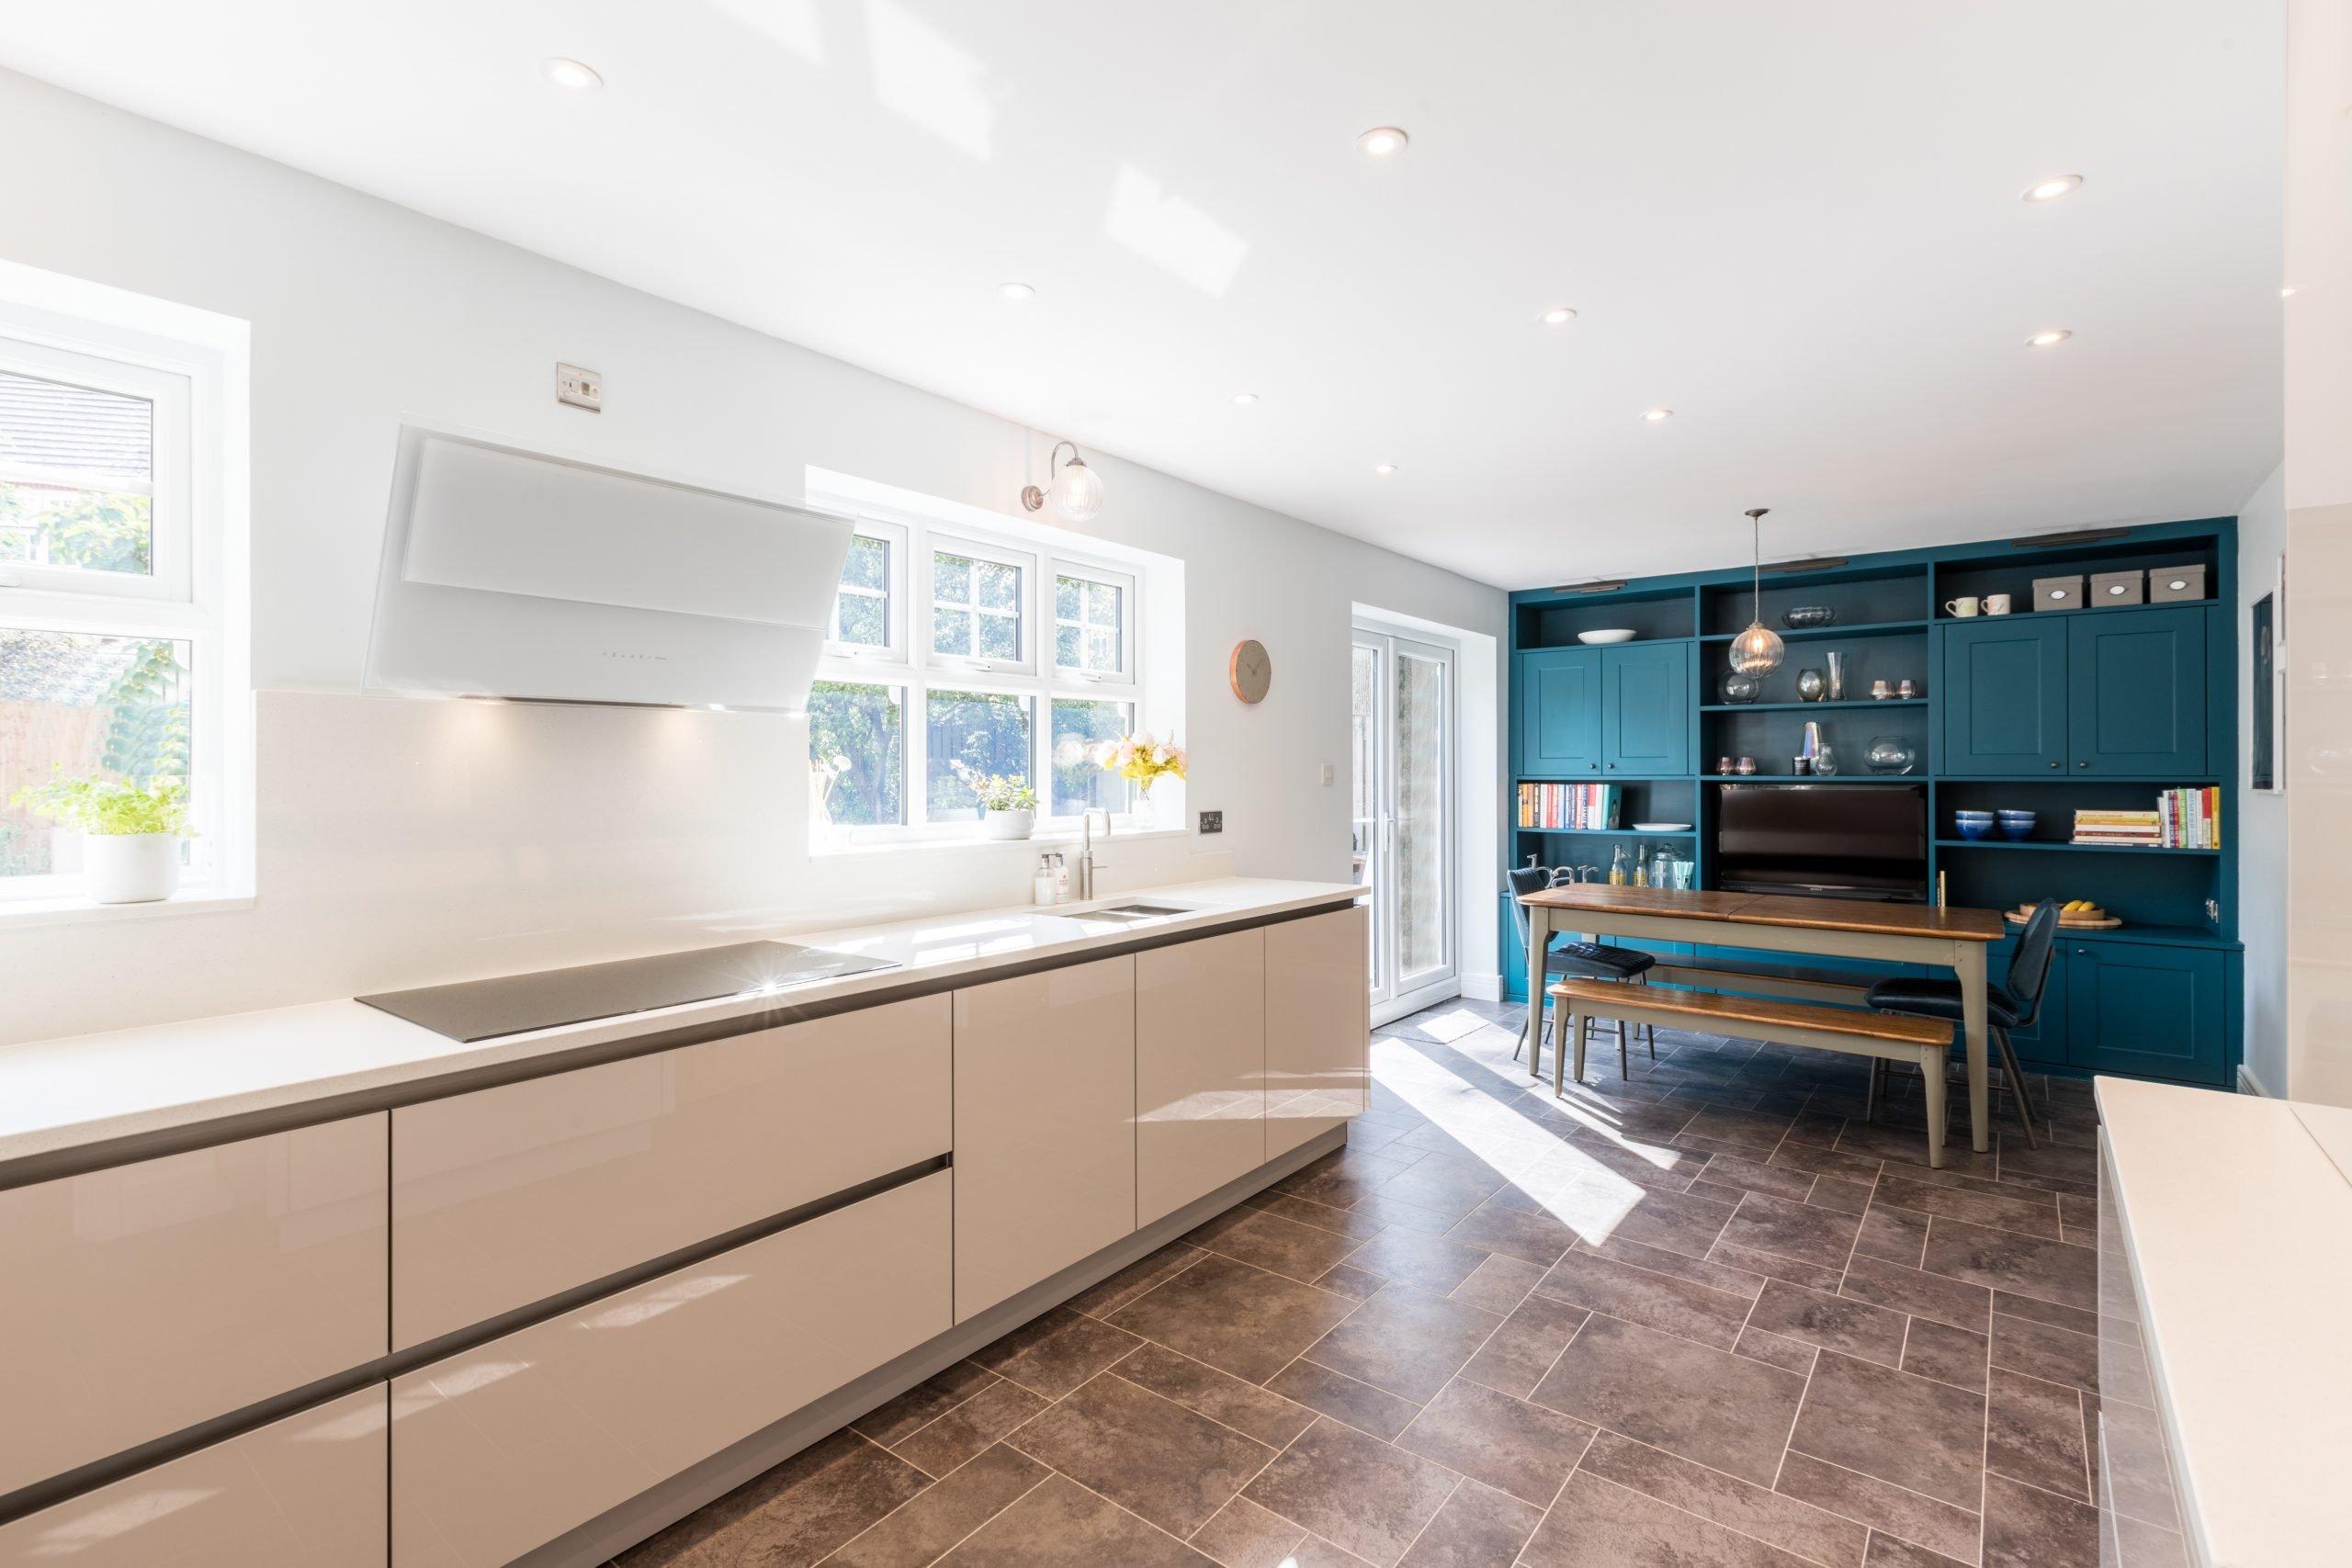 Cashmere acrylic gloss kitchen